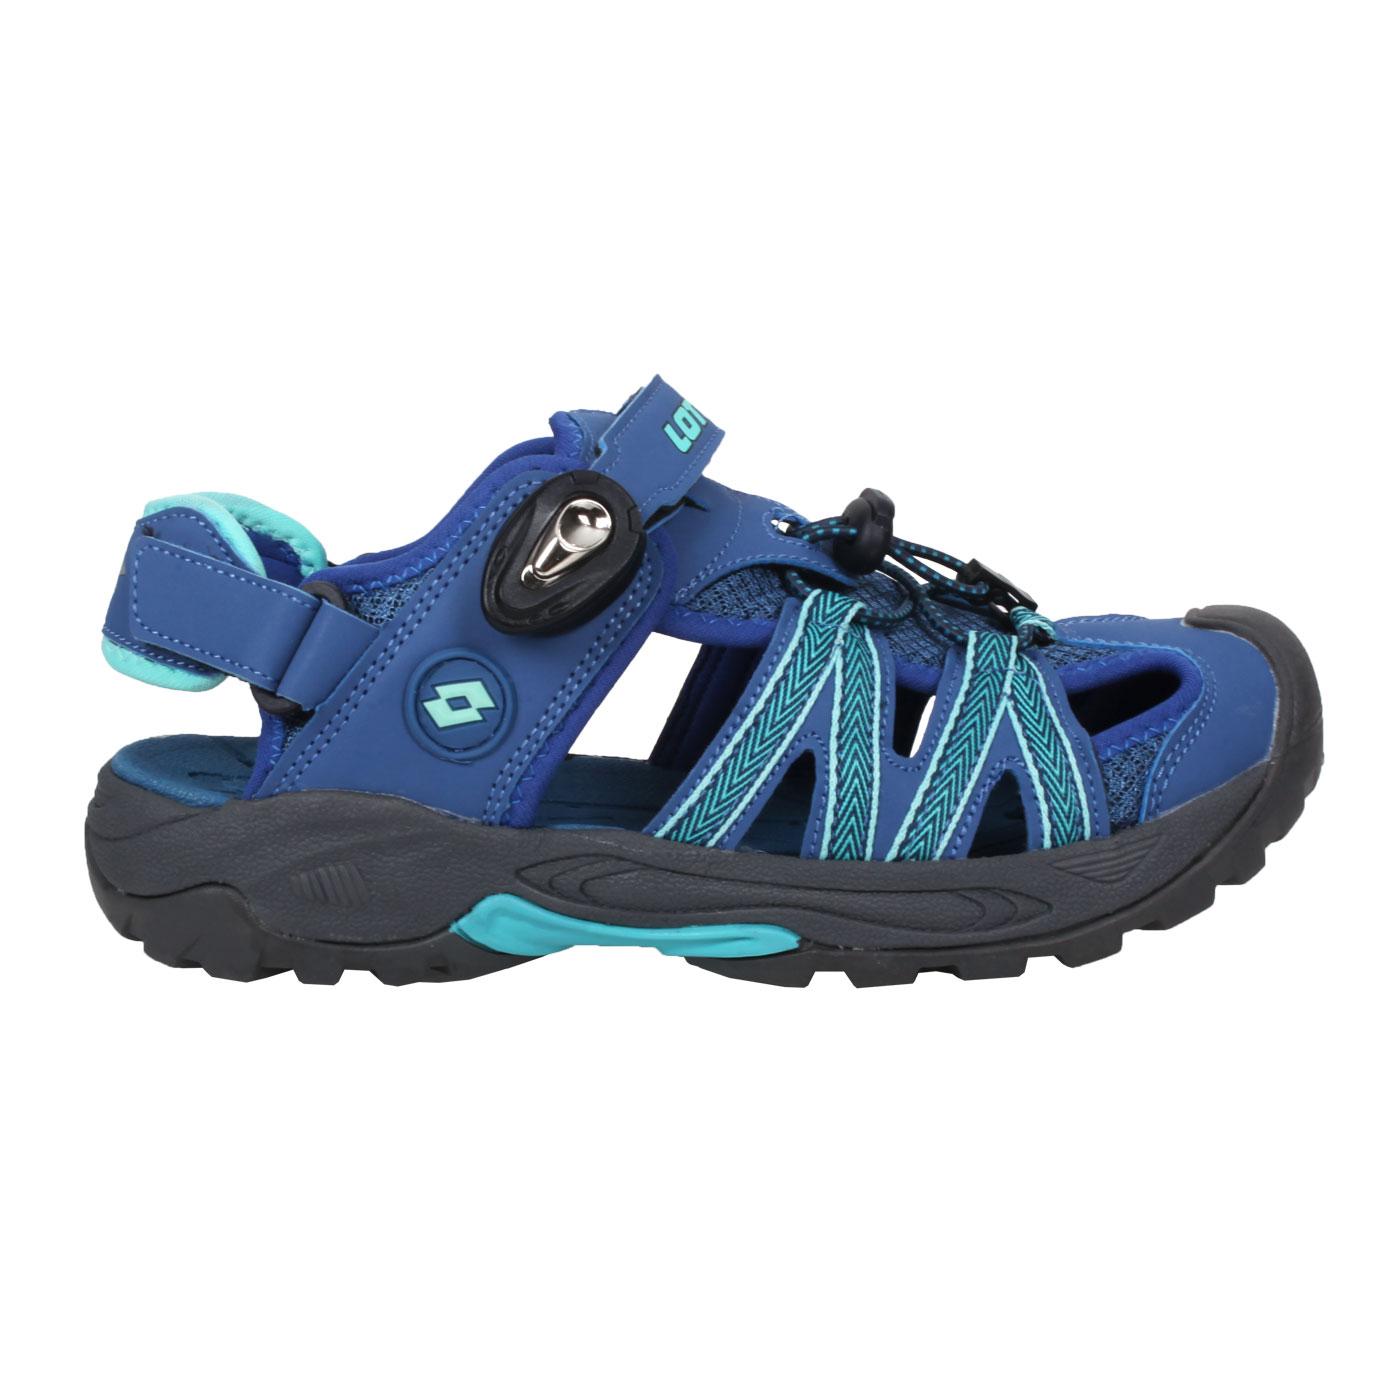 LOTTO 緹花磁扣護趾涼鞋 LT1AWS3266